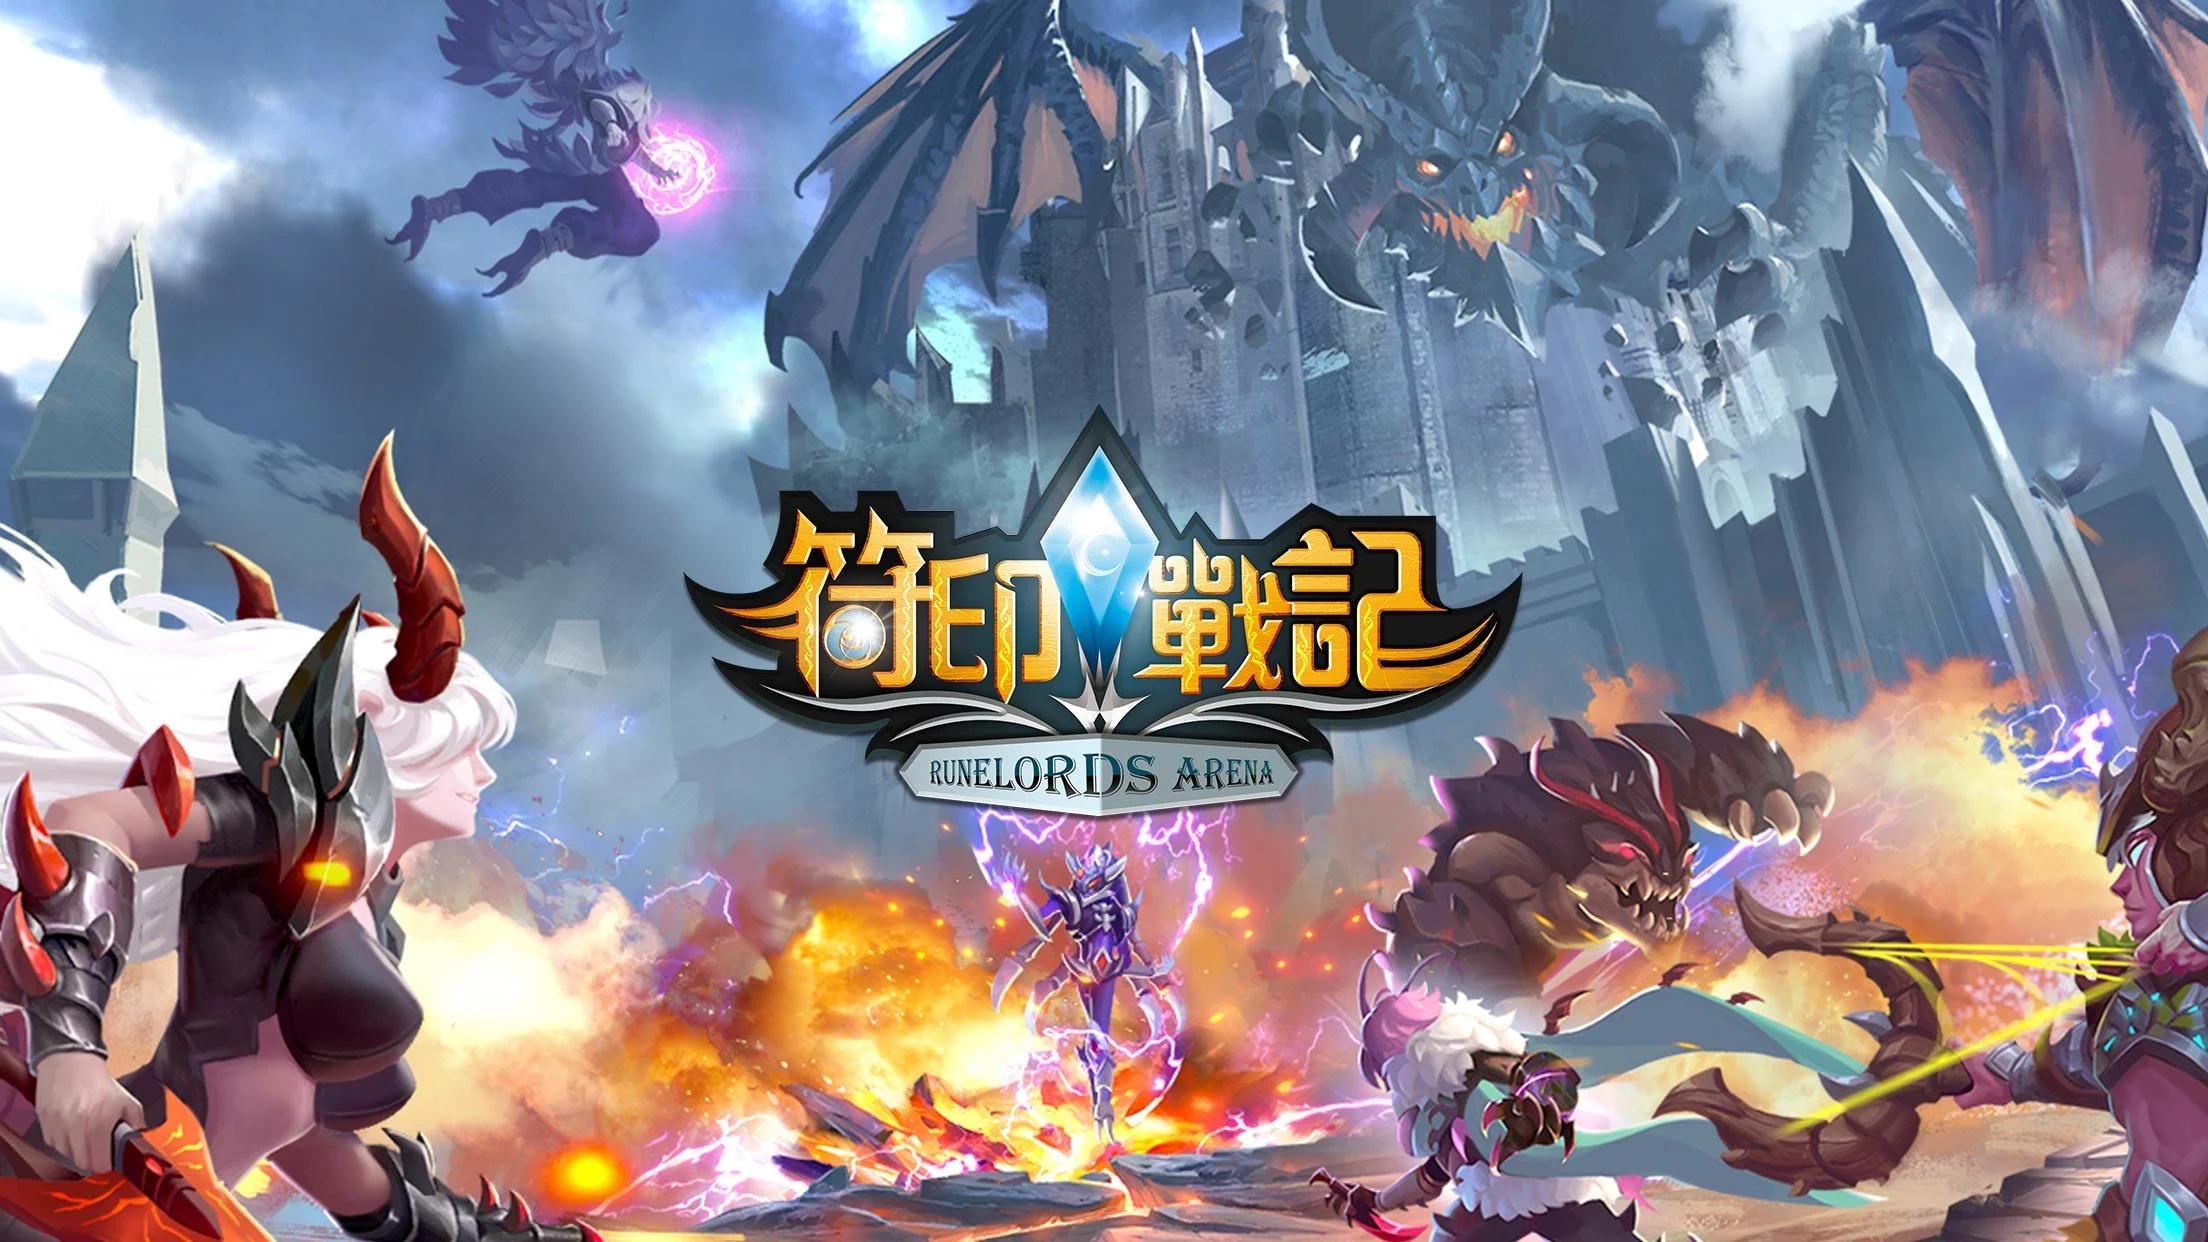 《符印戰記 Runelords Arena Online》預約得S級神坦伴你對抗之路